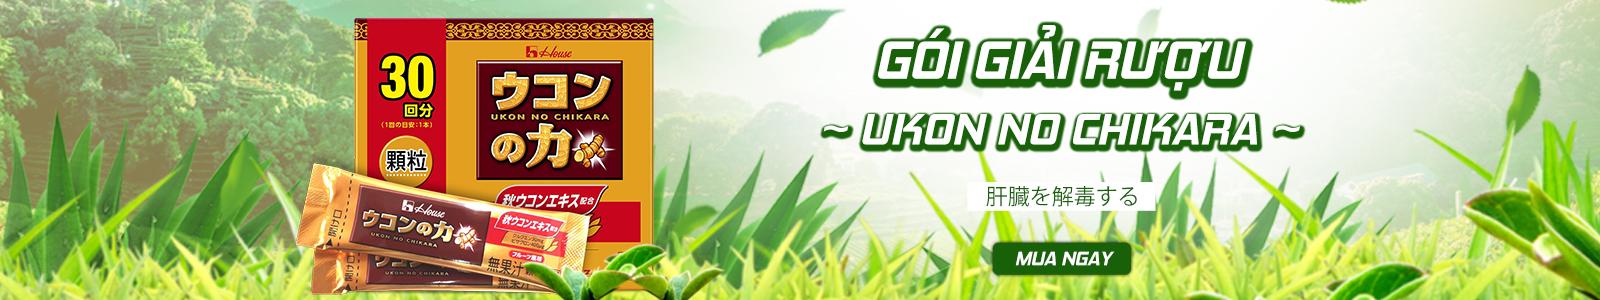 Gói giải rượu Ukon No Chikara